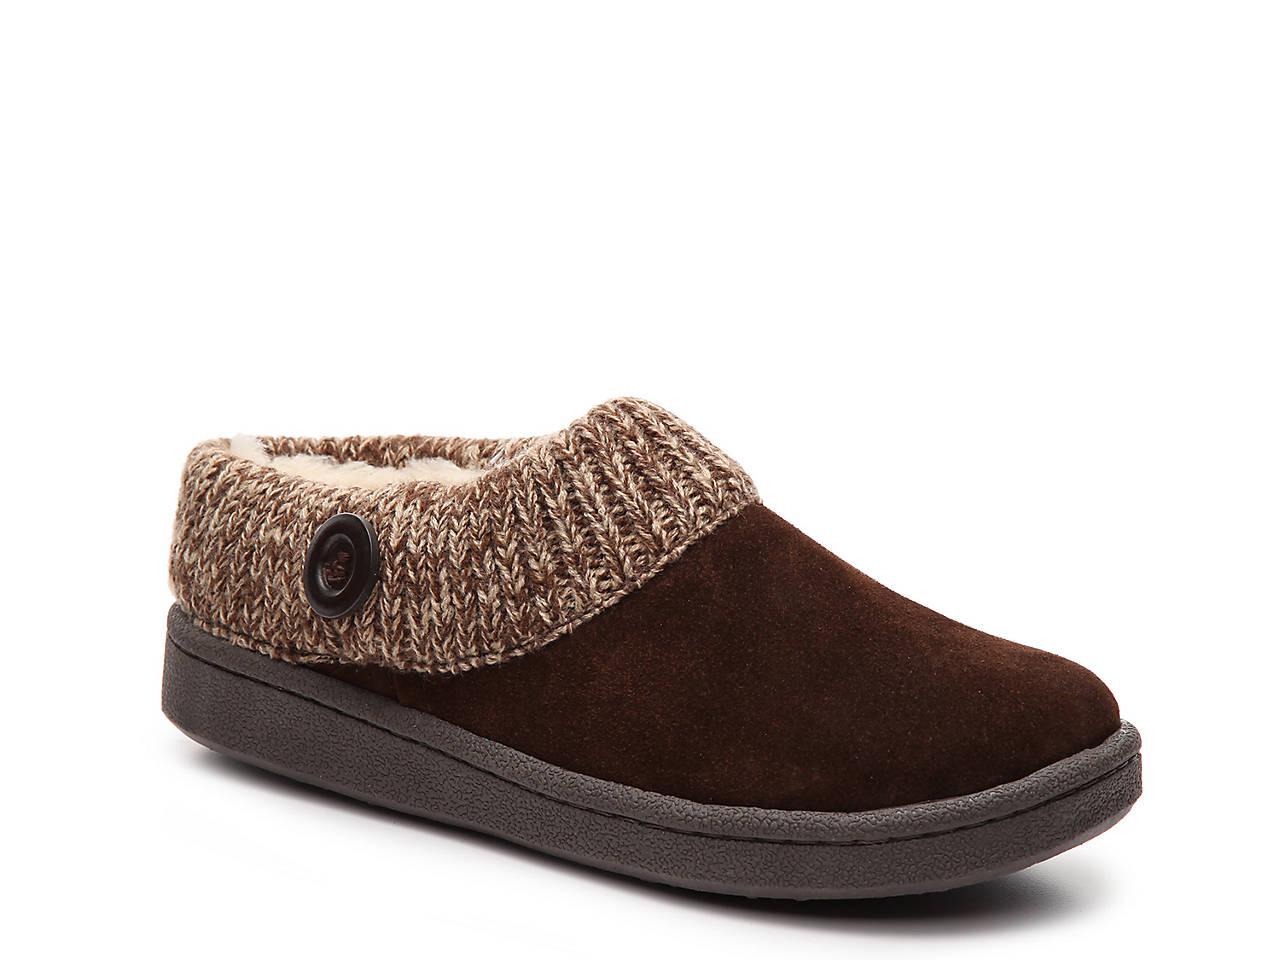 Heiß Damen Schuhe 'Ladies Clarks' Open Toe Slip On Flat